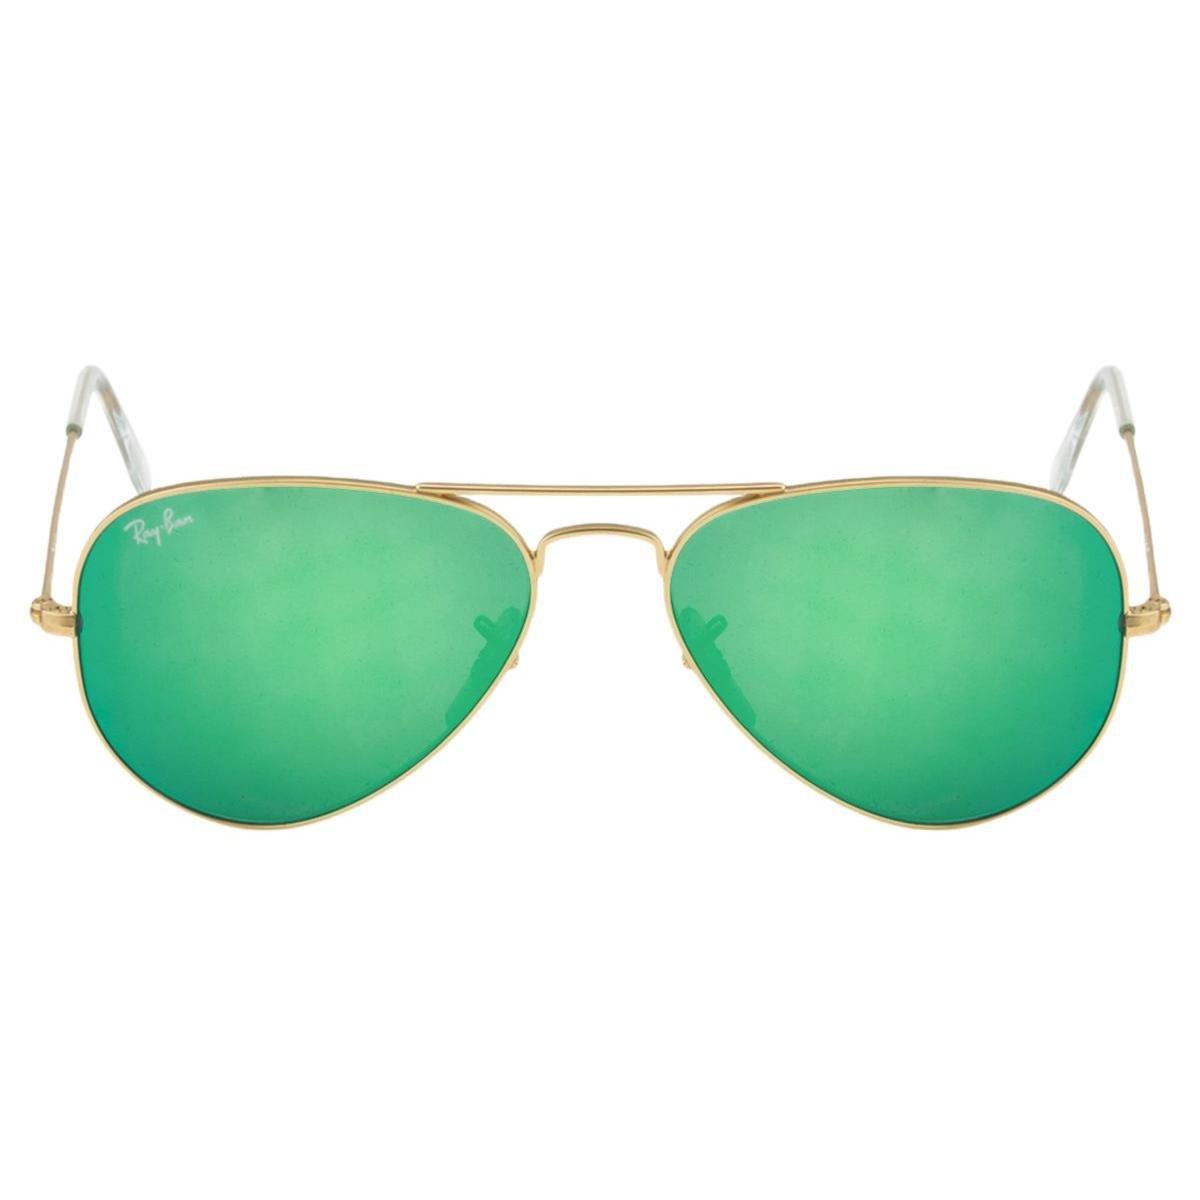 Óculos de Sol Ray-Ban Aviator 58 RB3025 Esp Dr Vd 112-19 - Compre ... 3bddf714d3